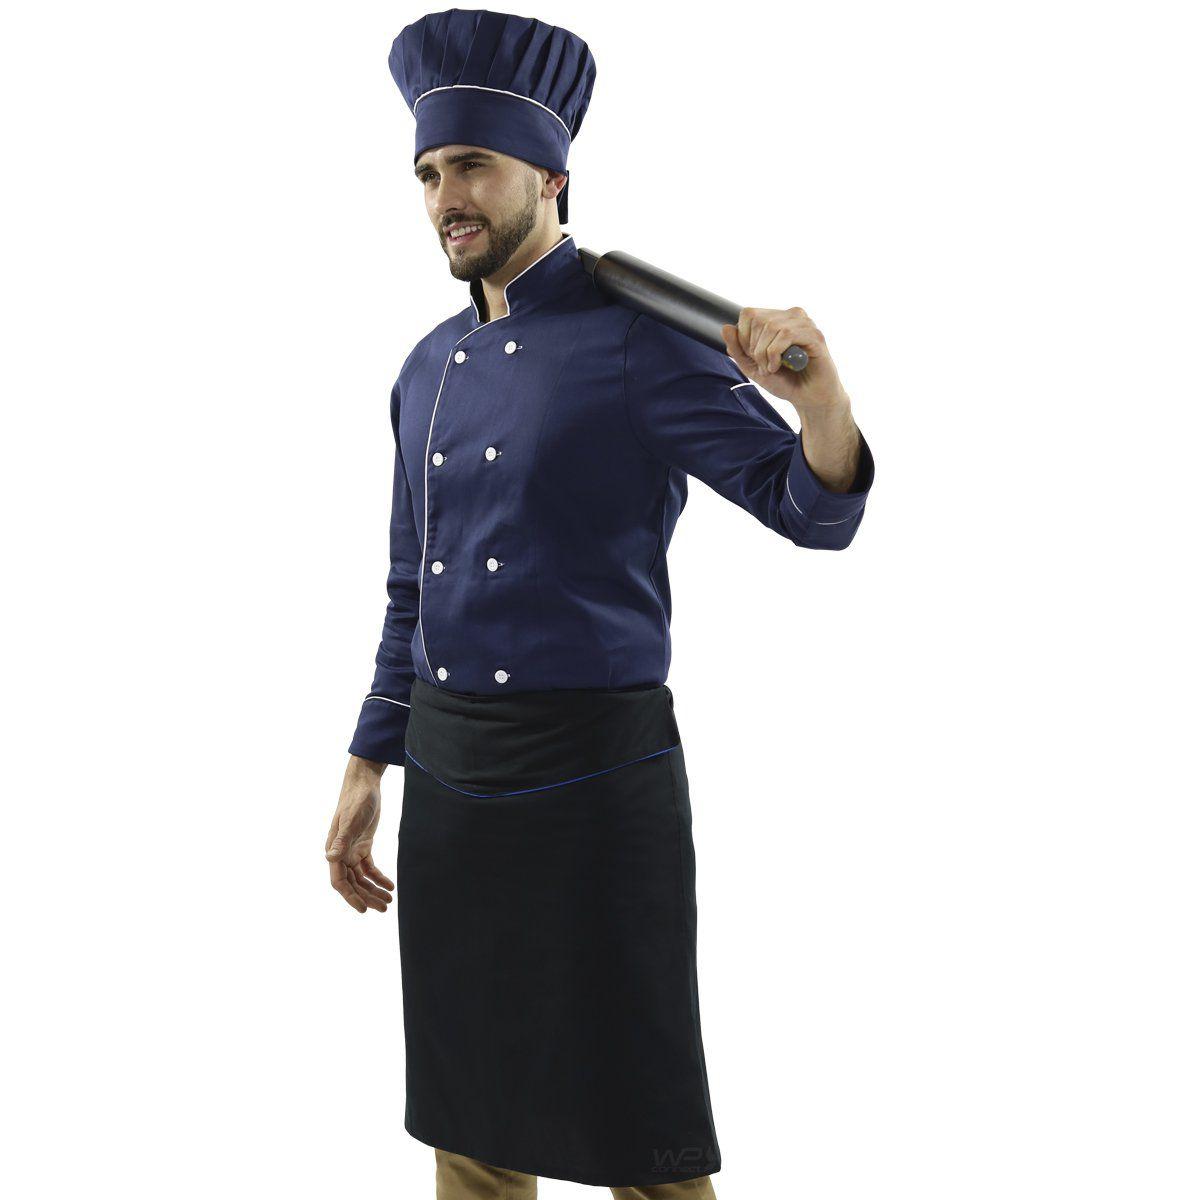 Avental de Cintura Chef Cozinha Tipo Saia - Preto/Azul